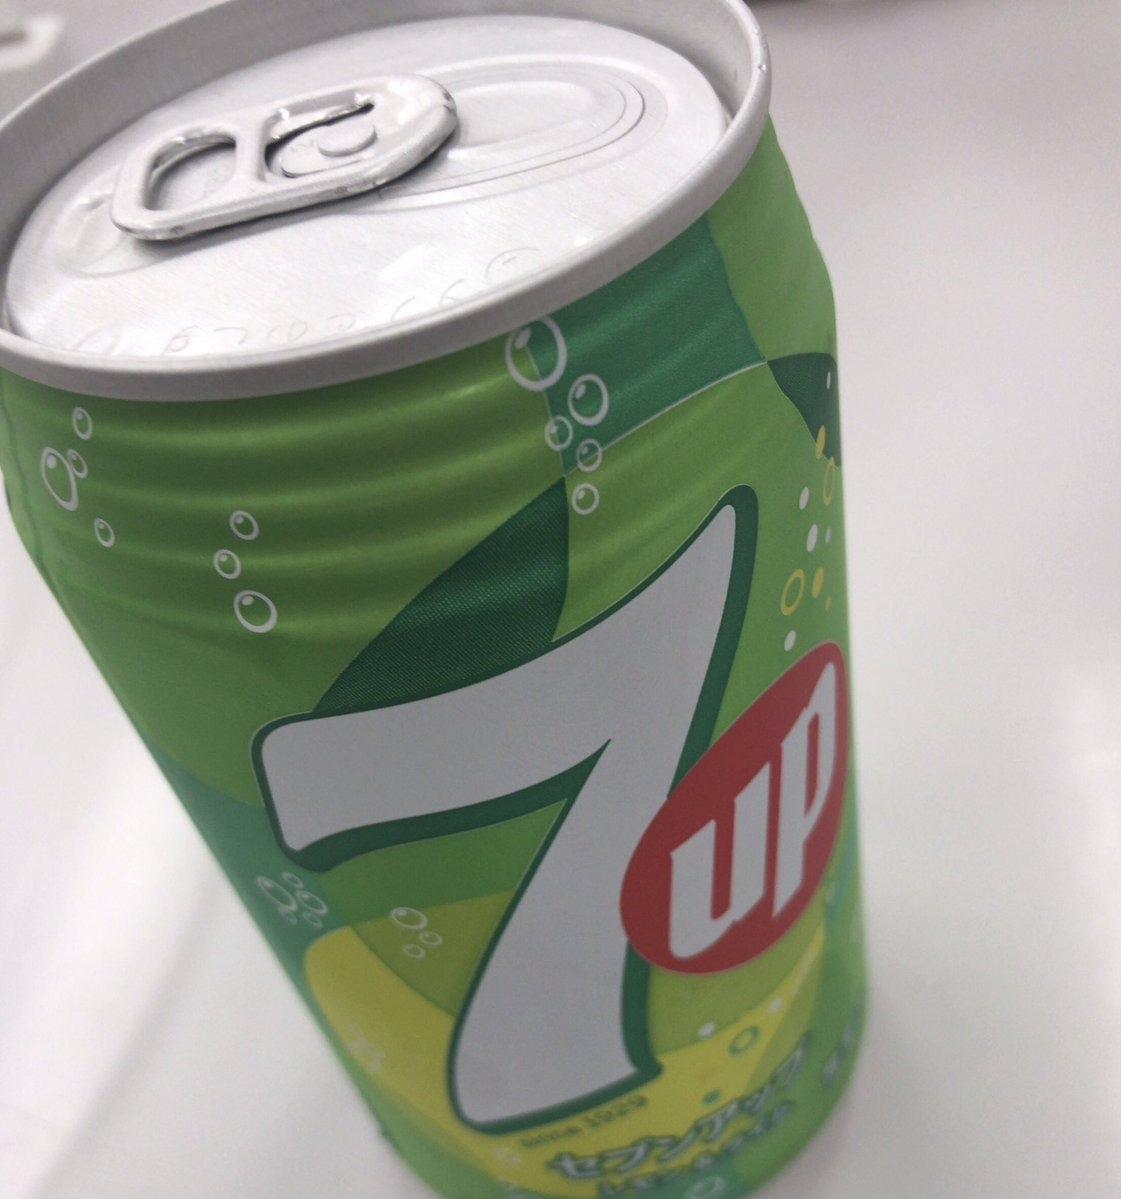 【悲報】7up(セブンアップ)、消える